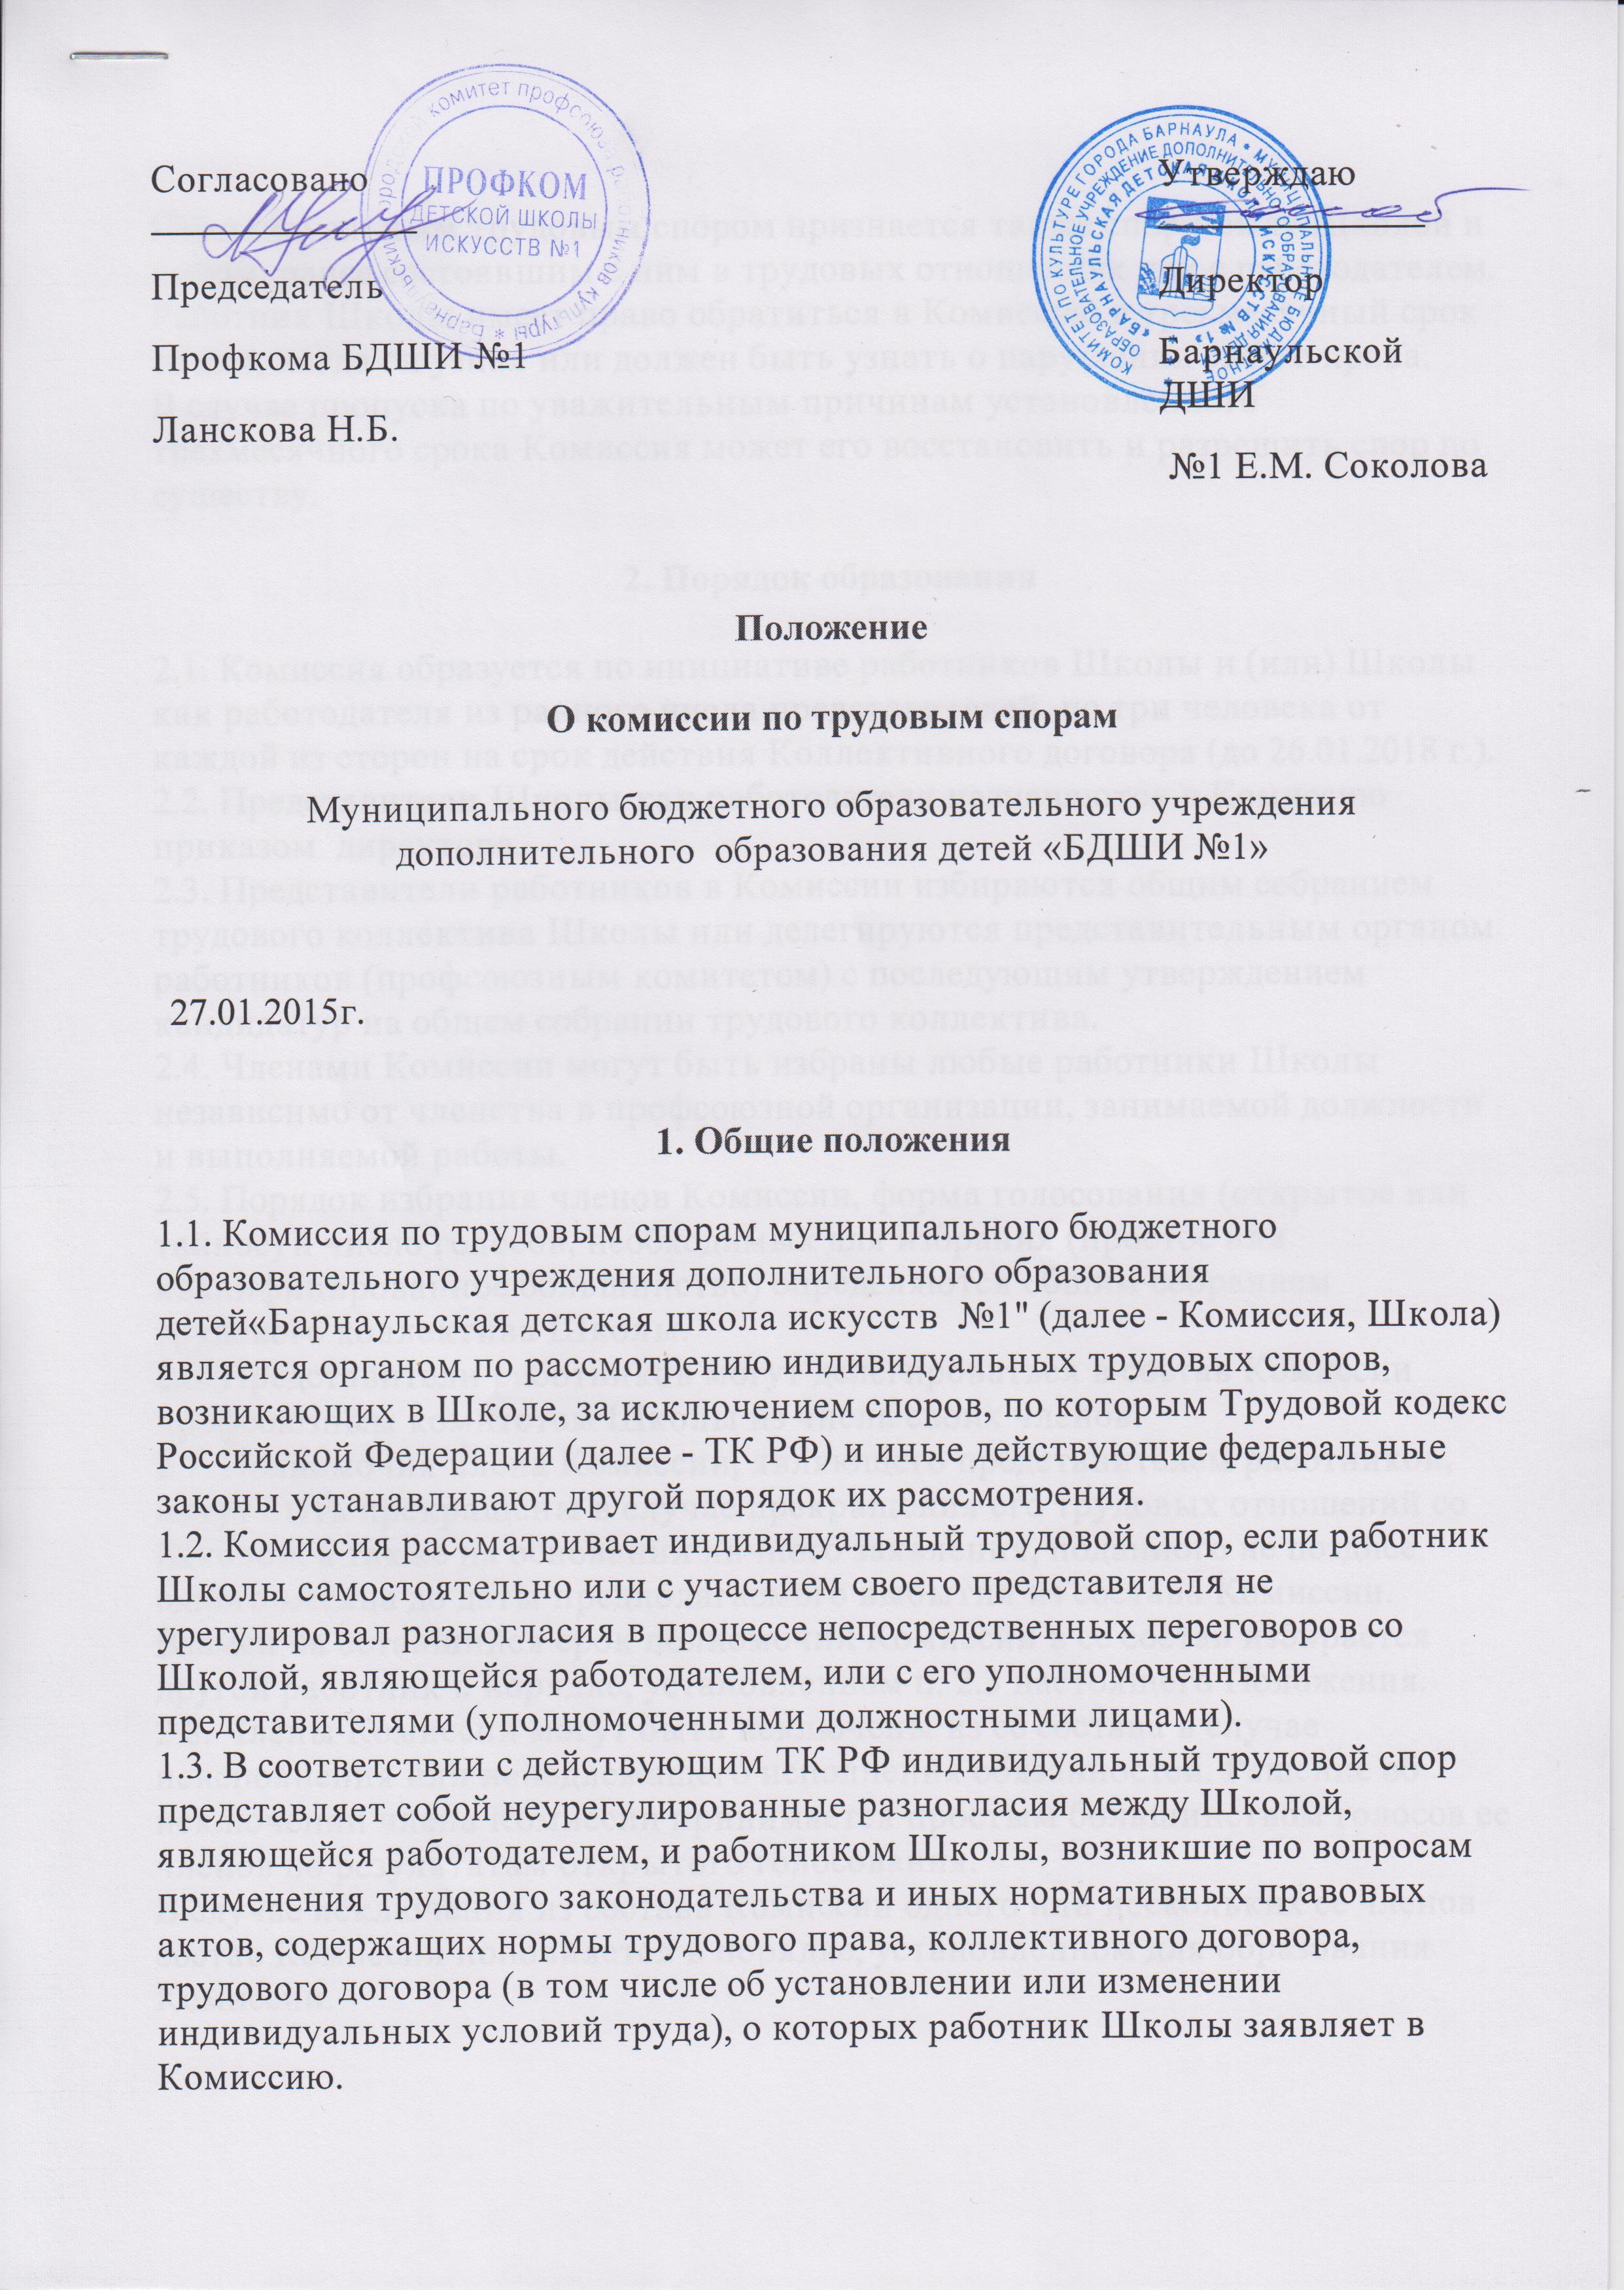 трудовой кодекс комиссия по трудовым спорам